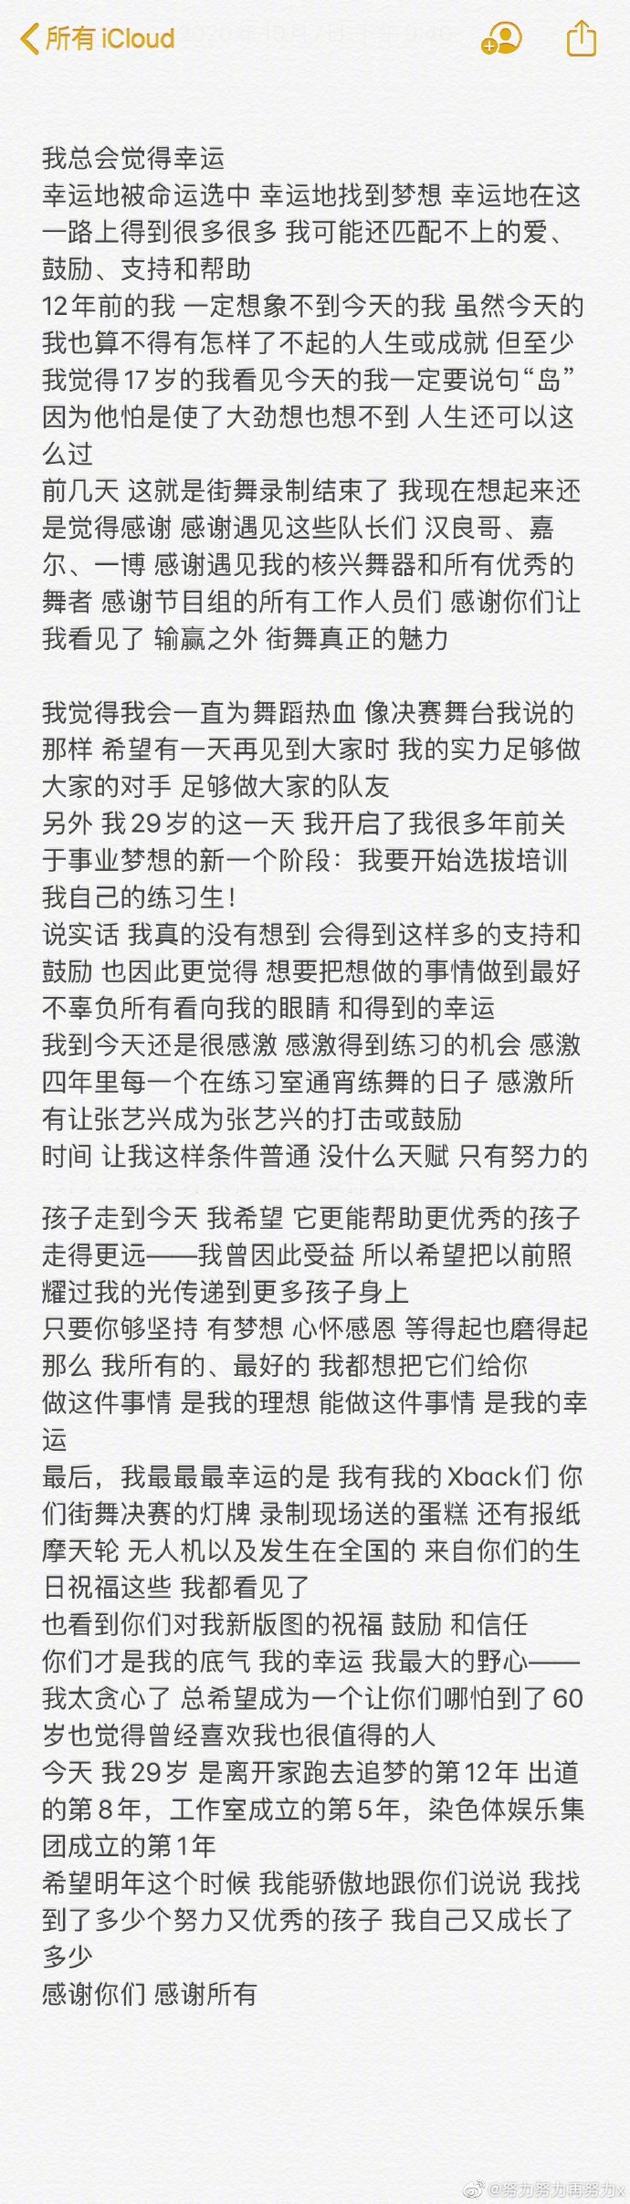 《【摩杰测速注册】张艺兴发长文庆祝29岁生日:感谢你们 感谢所有》